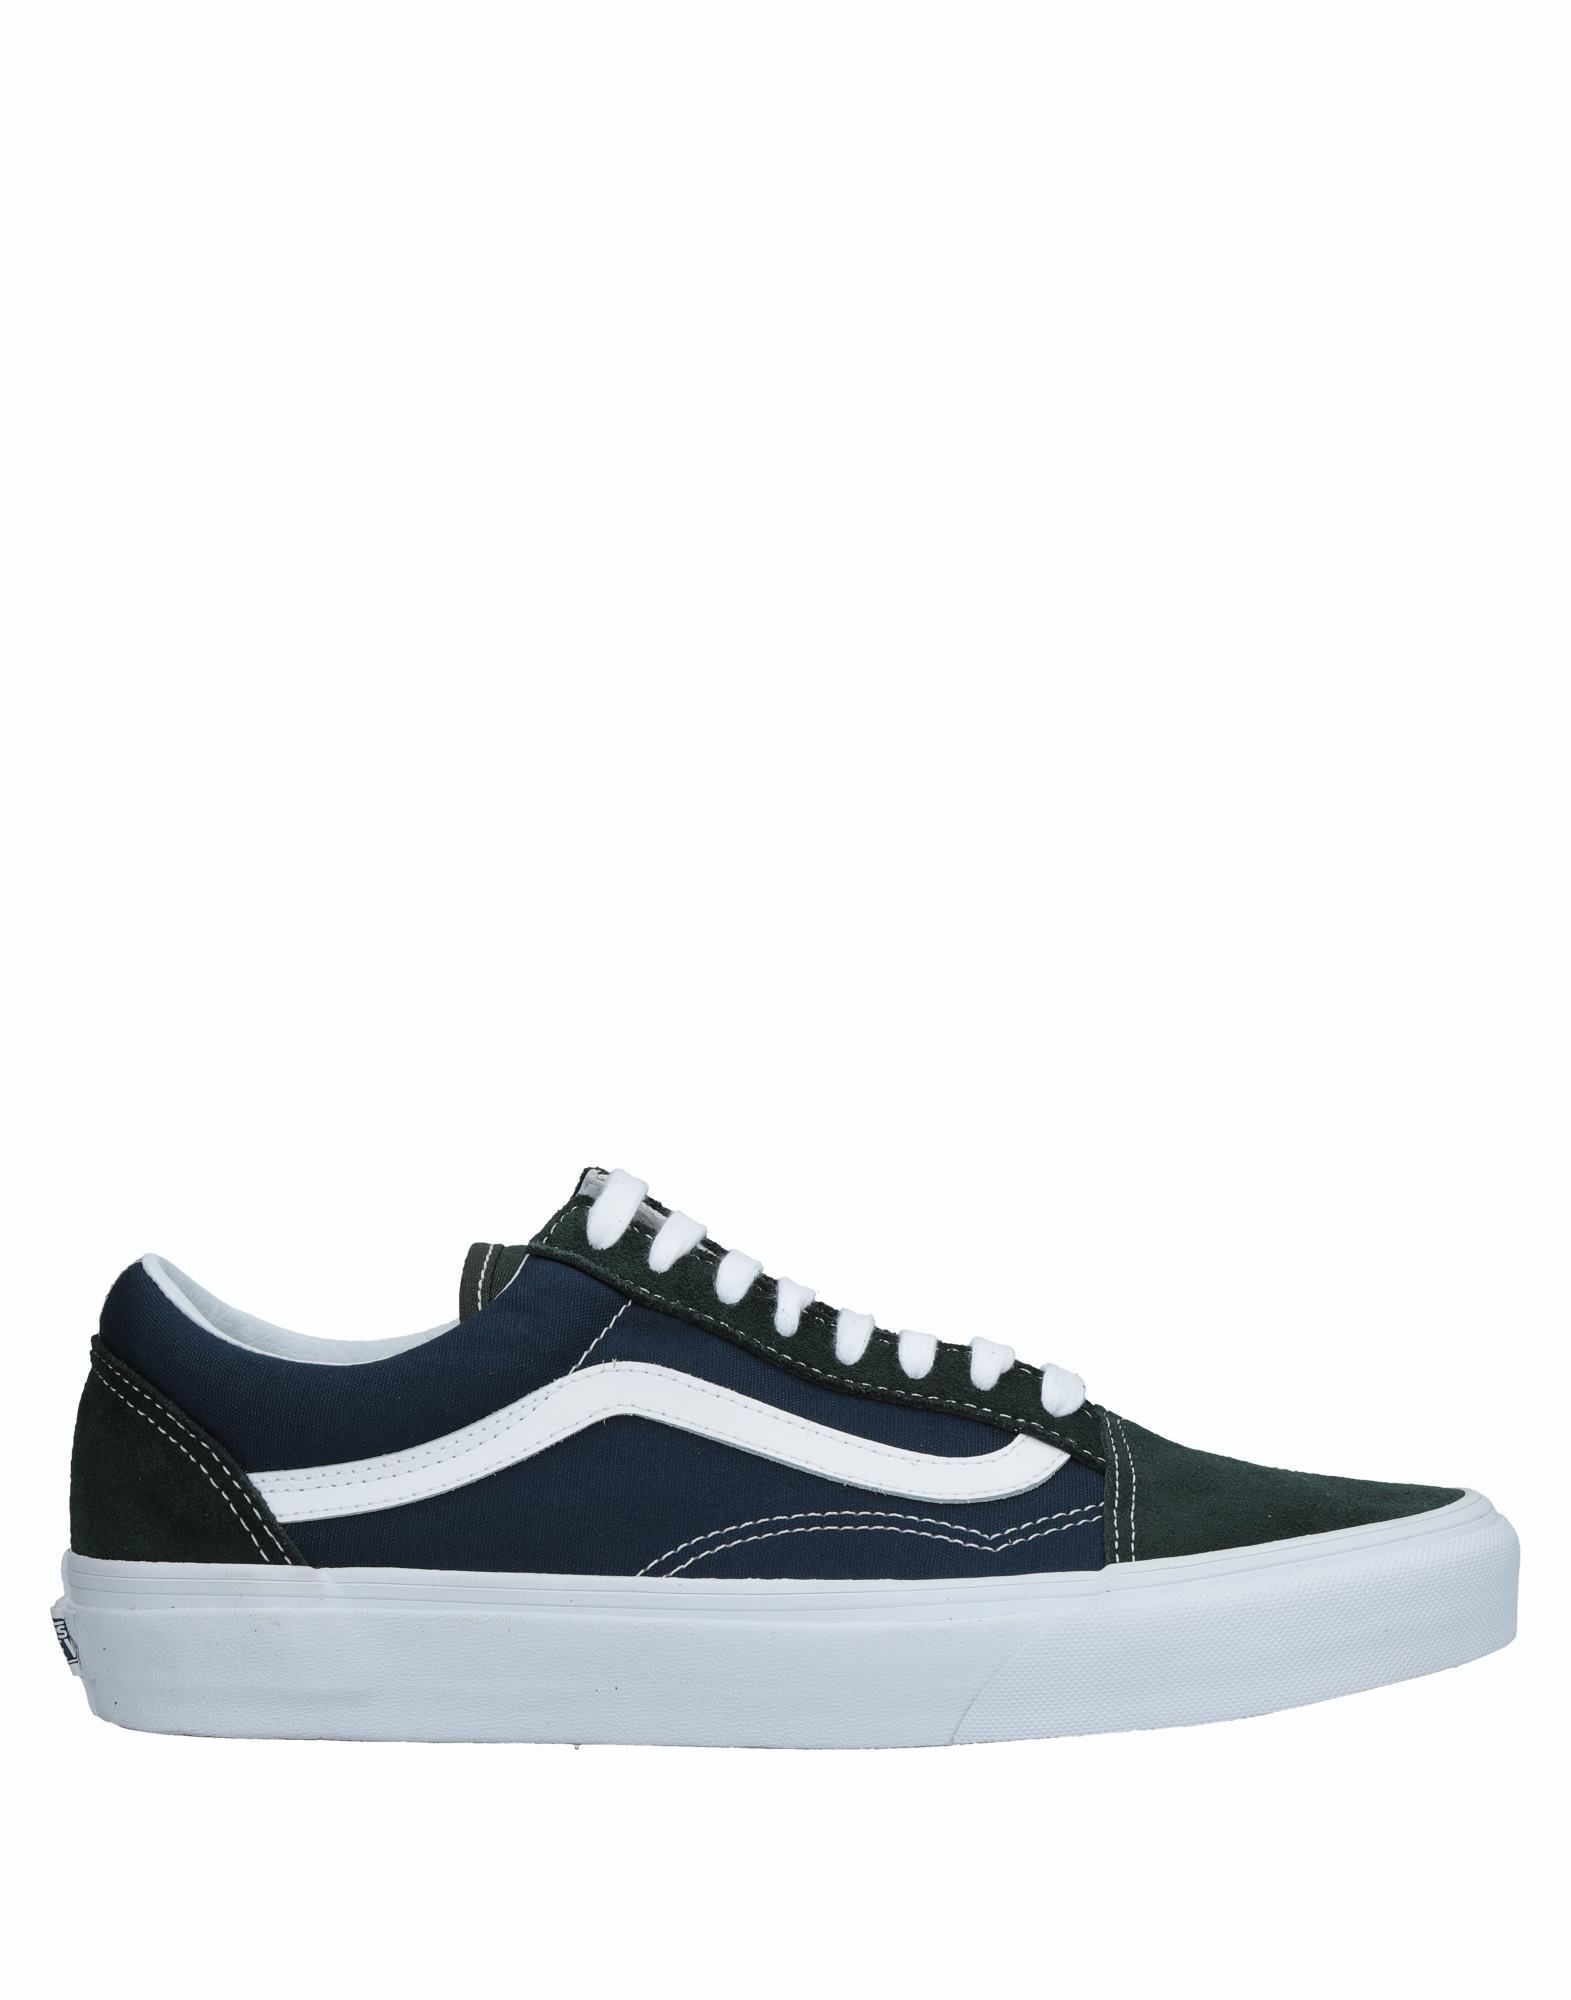 Rabatt echte Schuhe Vans Sneakers Herren  11508819FG